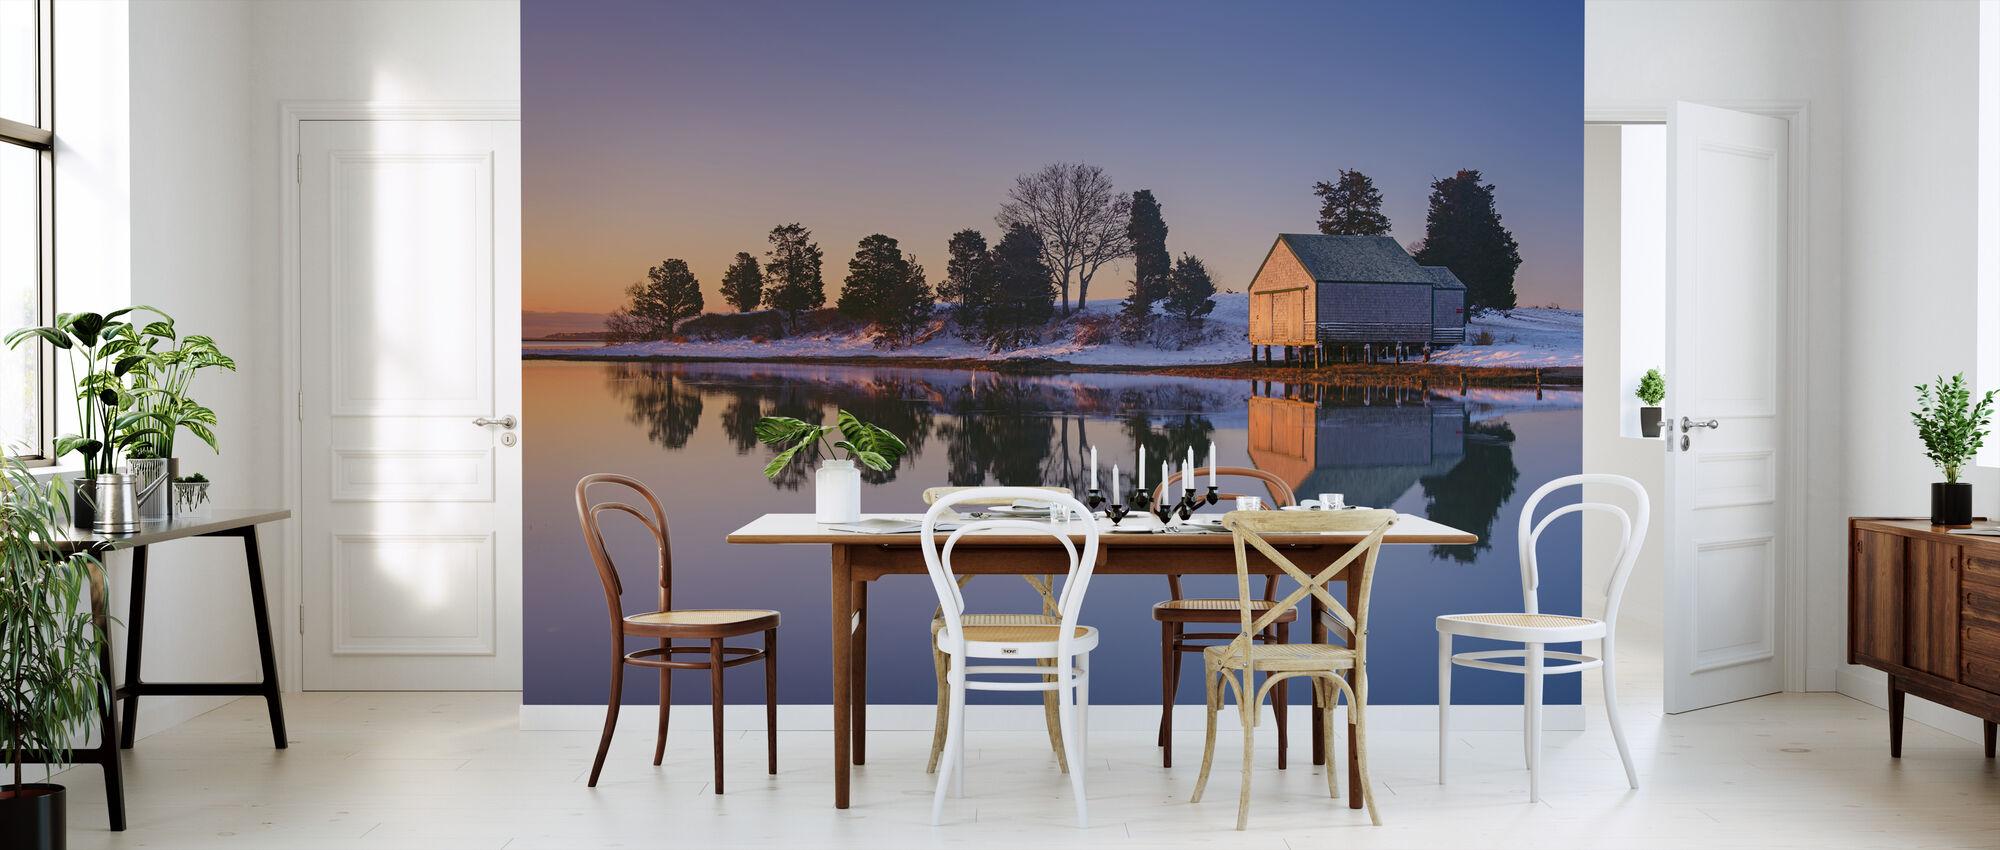 Vinter Refleksjon - Tapet - Kjøkken